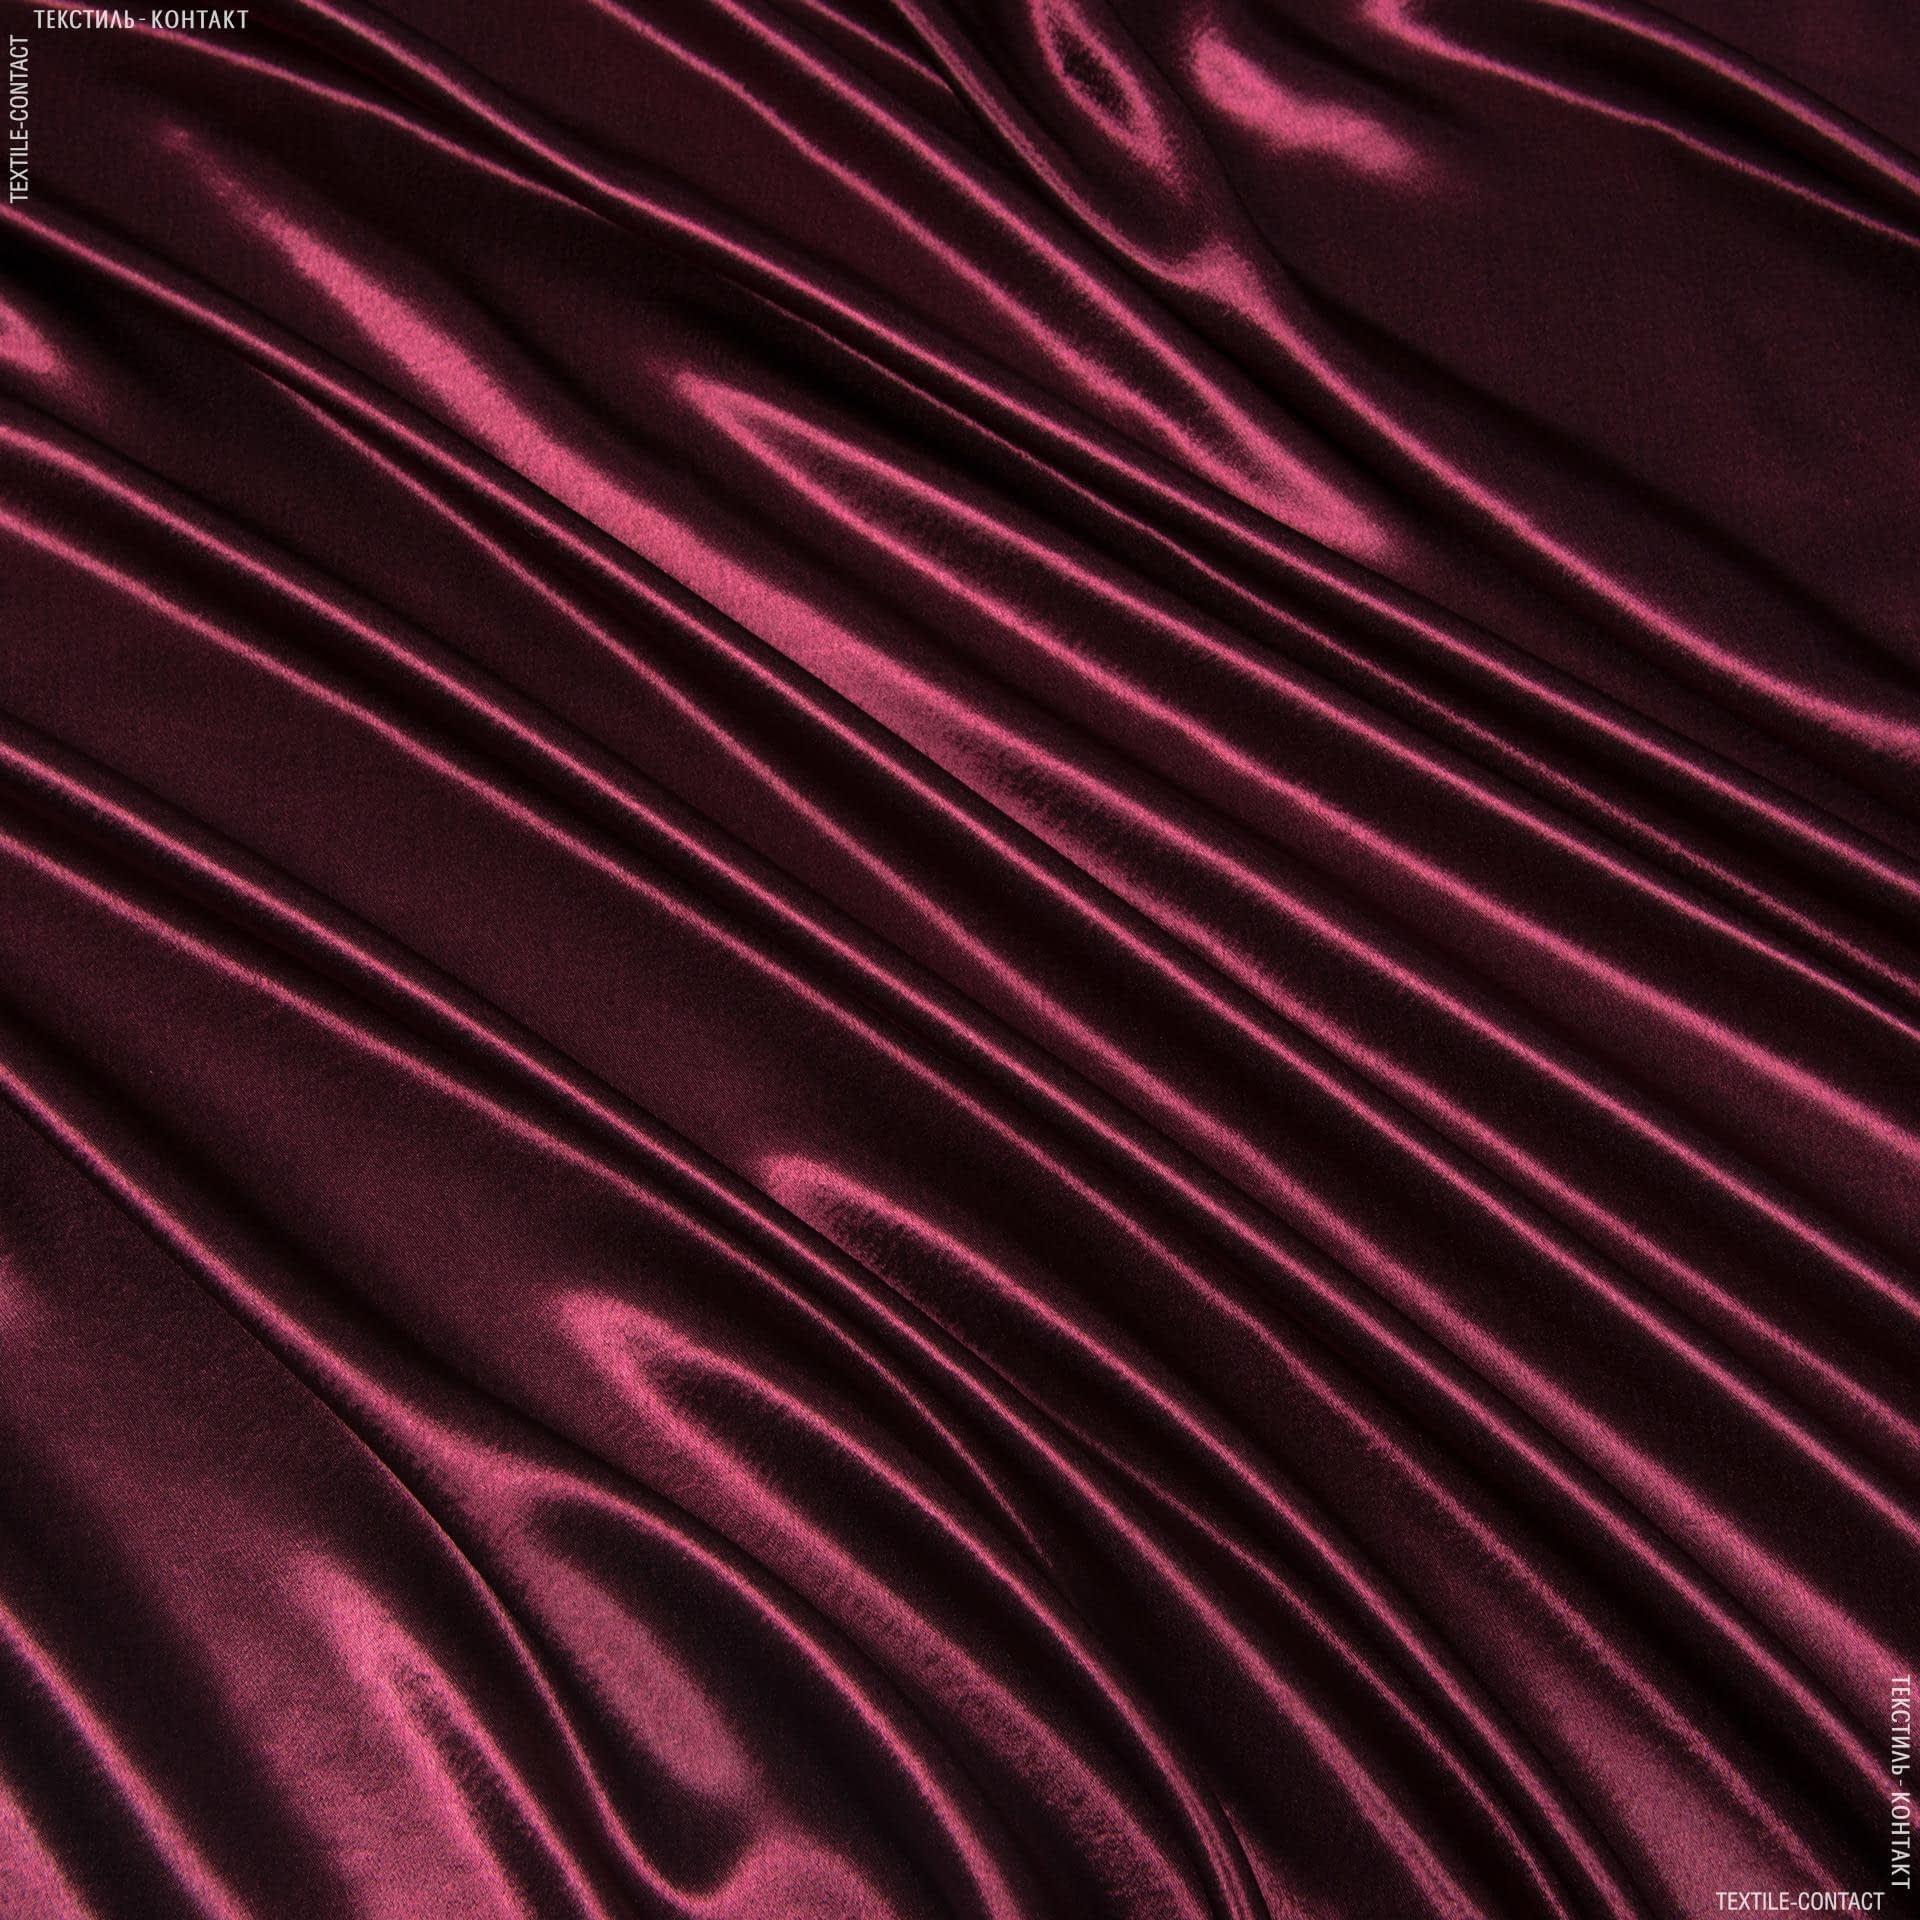 Тканини для банкетних і фуршетніх спідниць - Креп-сатин бордовий